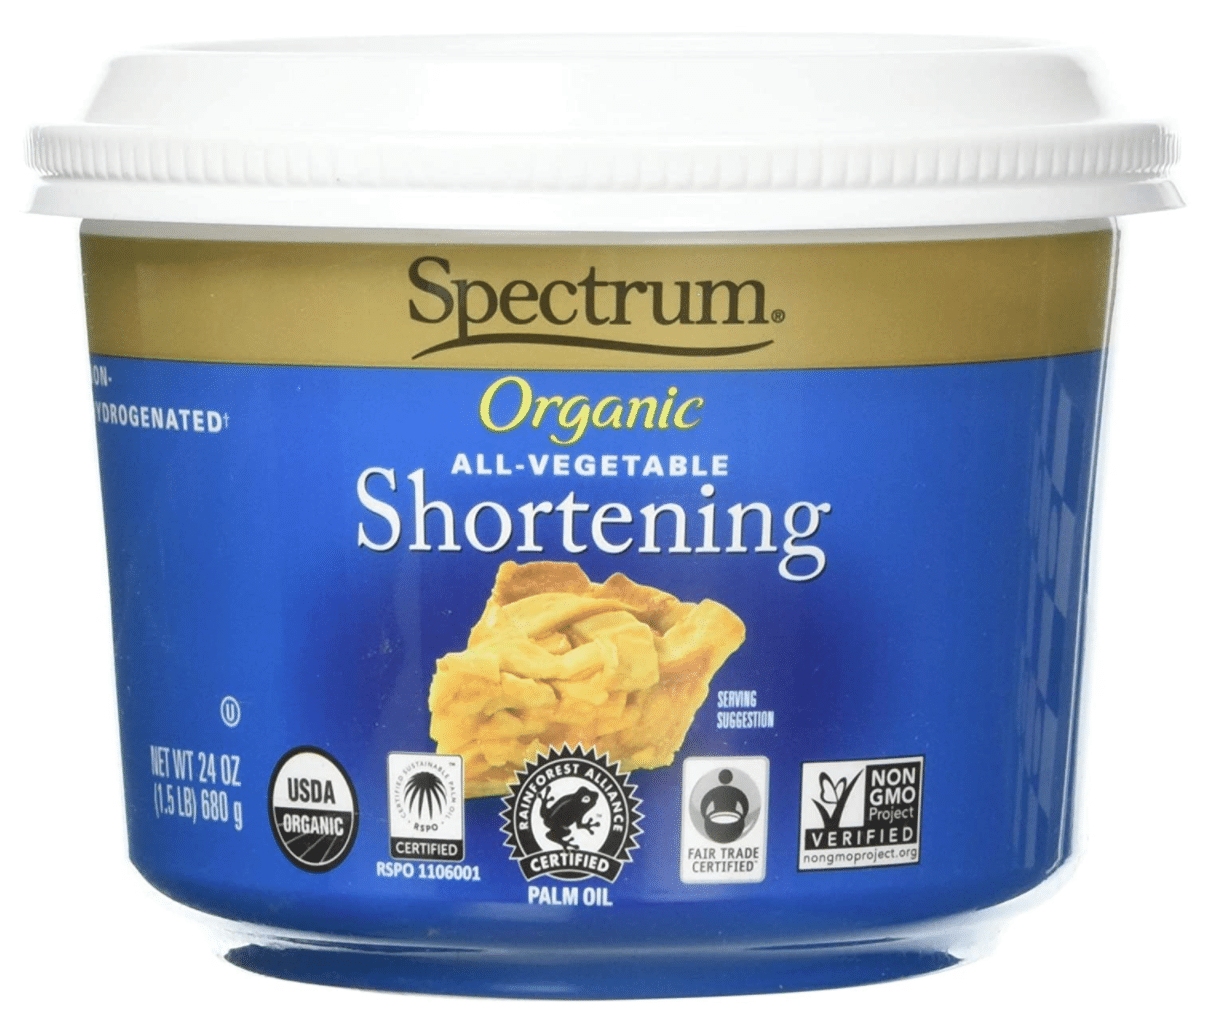 Organic All-Vegetable Shortening